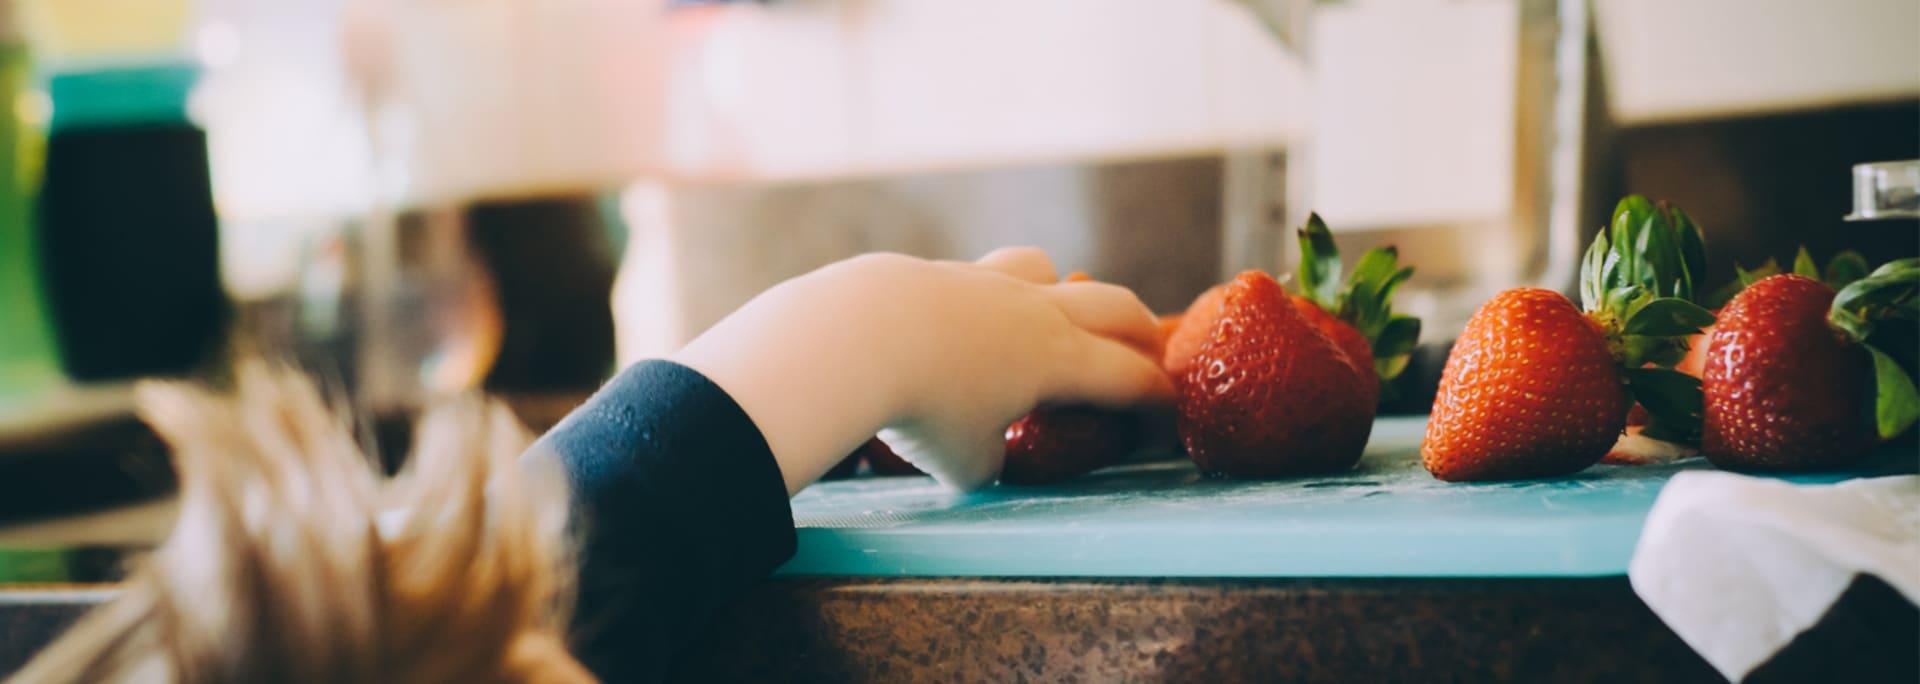 Barn sträcker sig efter jordgubbarna i köket